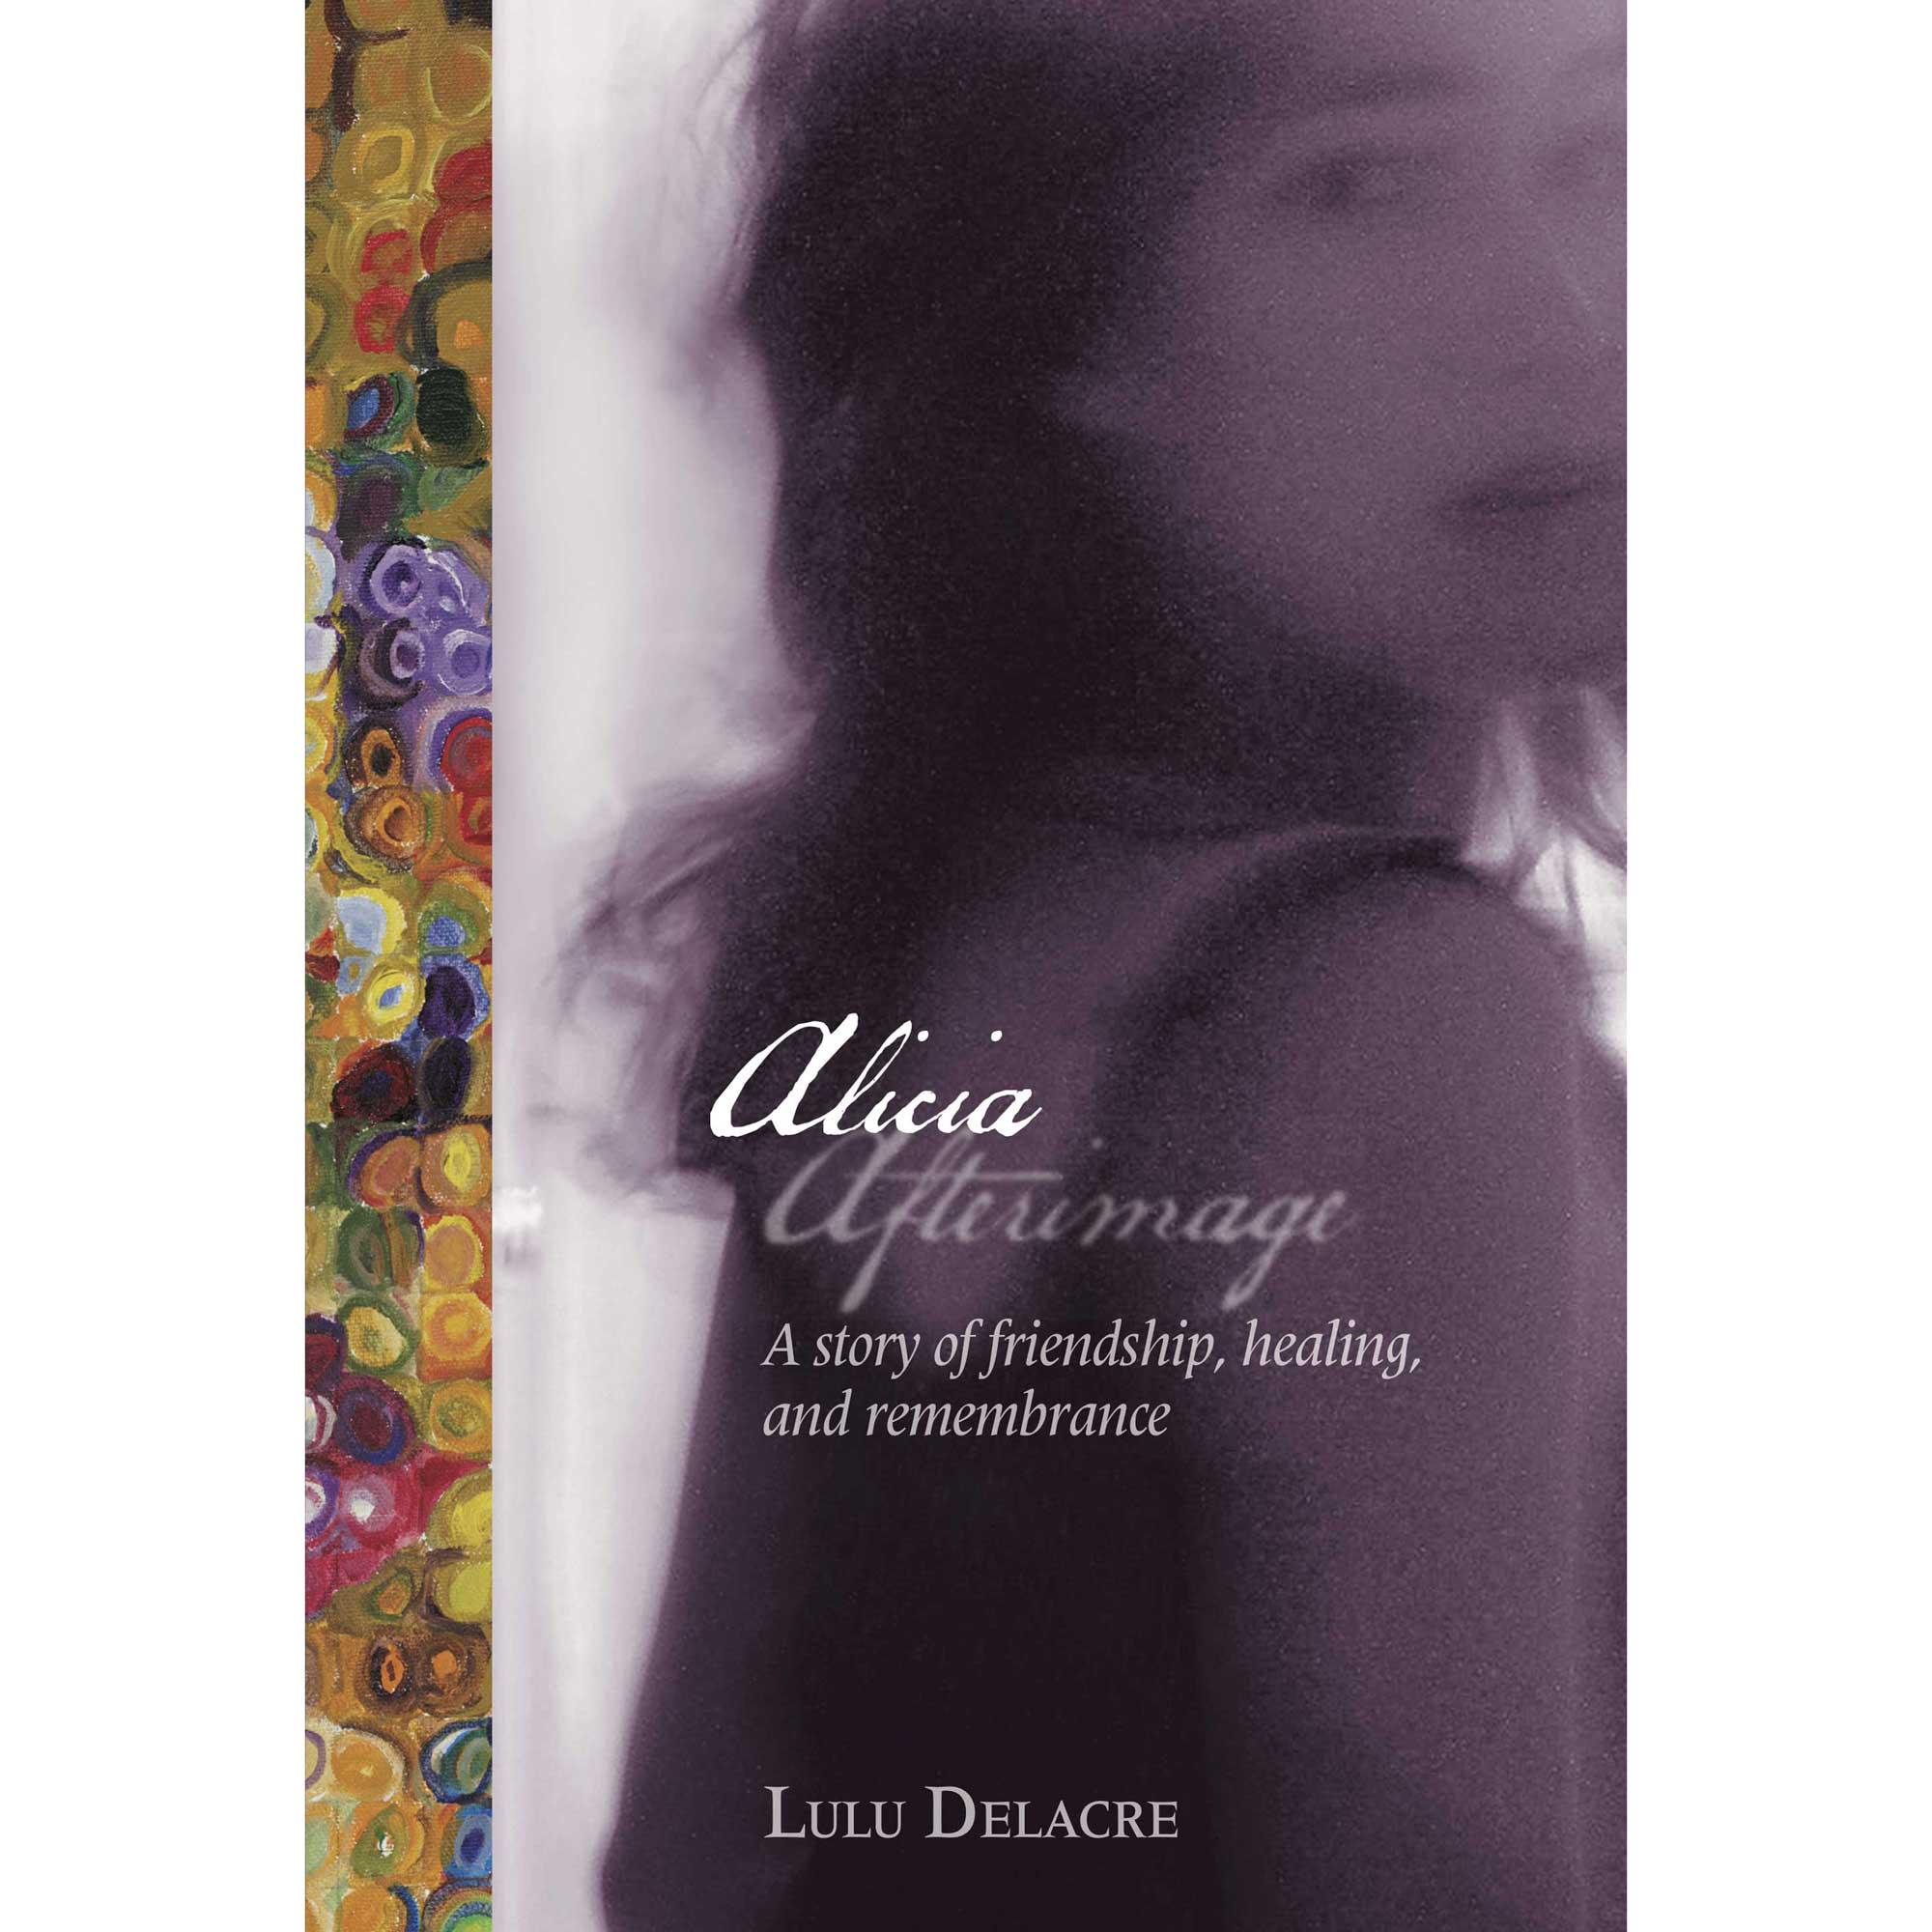 Alicia Afterimage book by Lulu Delacre